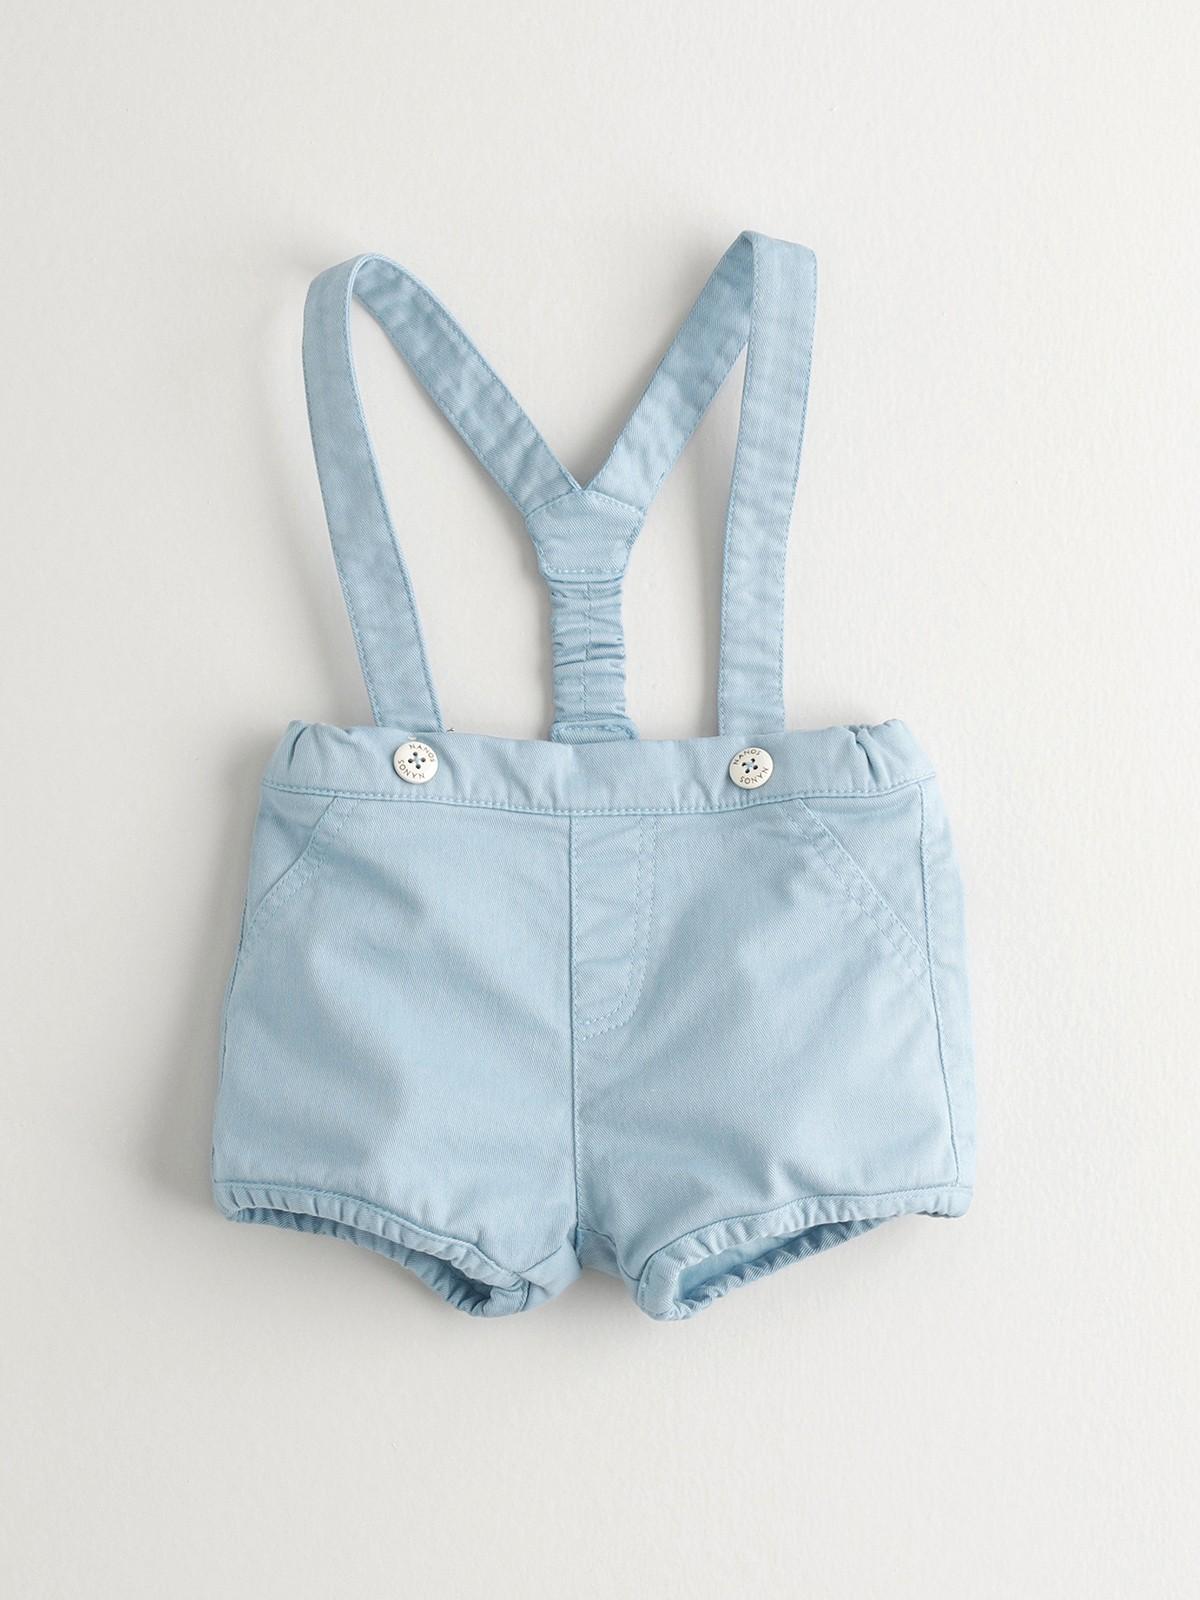 NANOS 水藍色吊帶褲